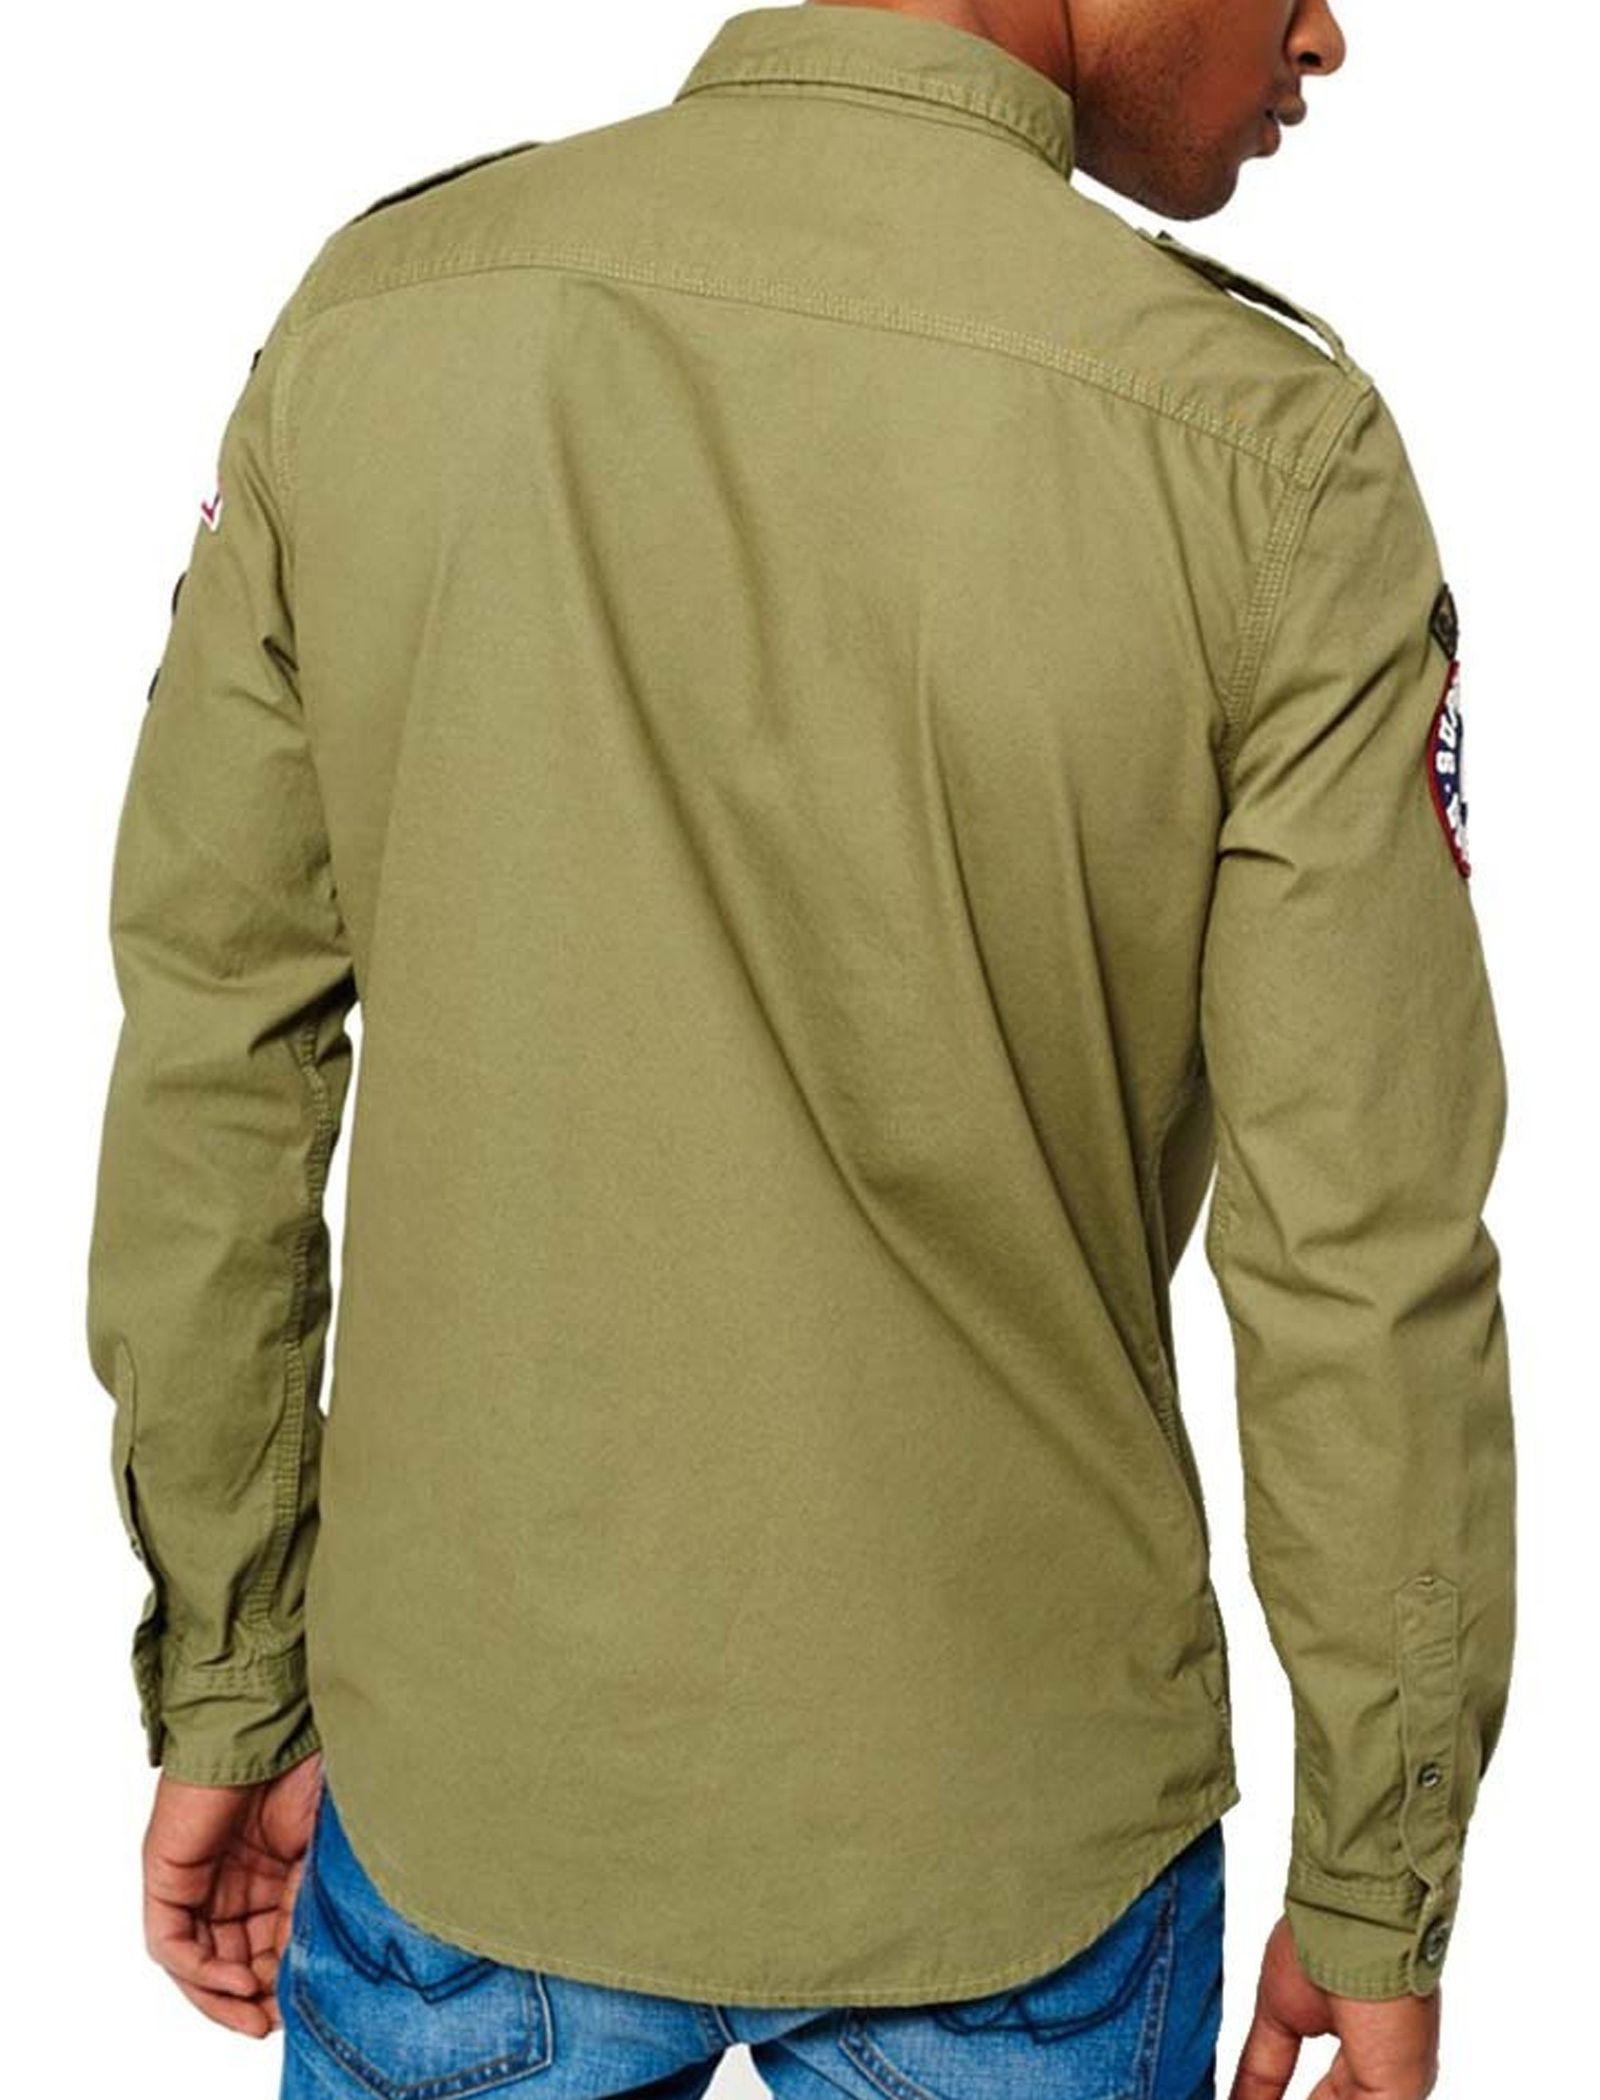 پیراهن نخی آستین بلند مردانه - سوپردرای - سبز - 6